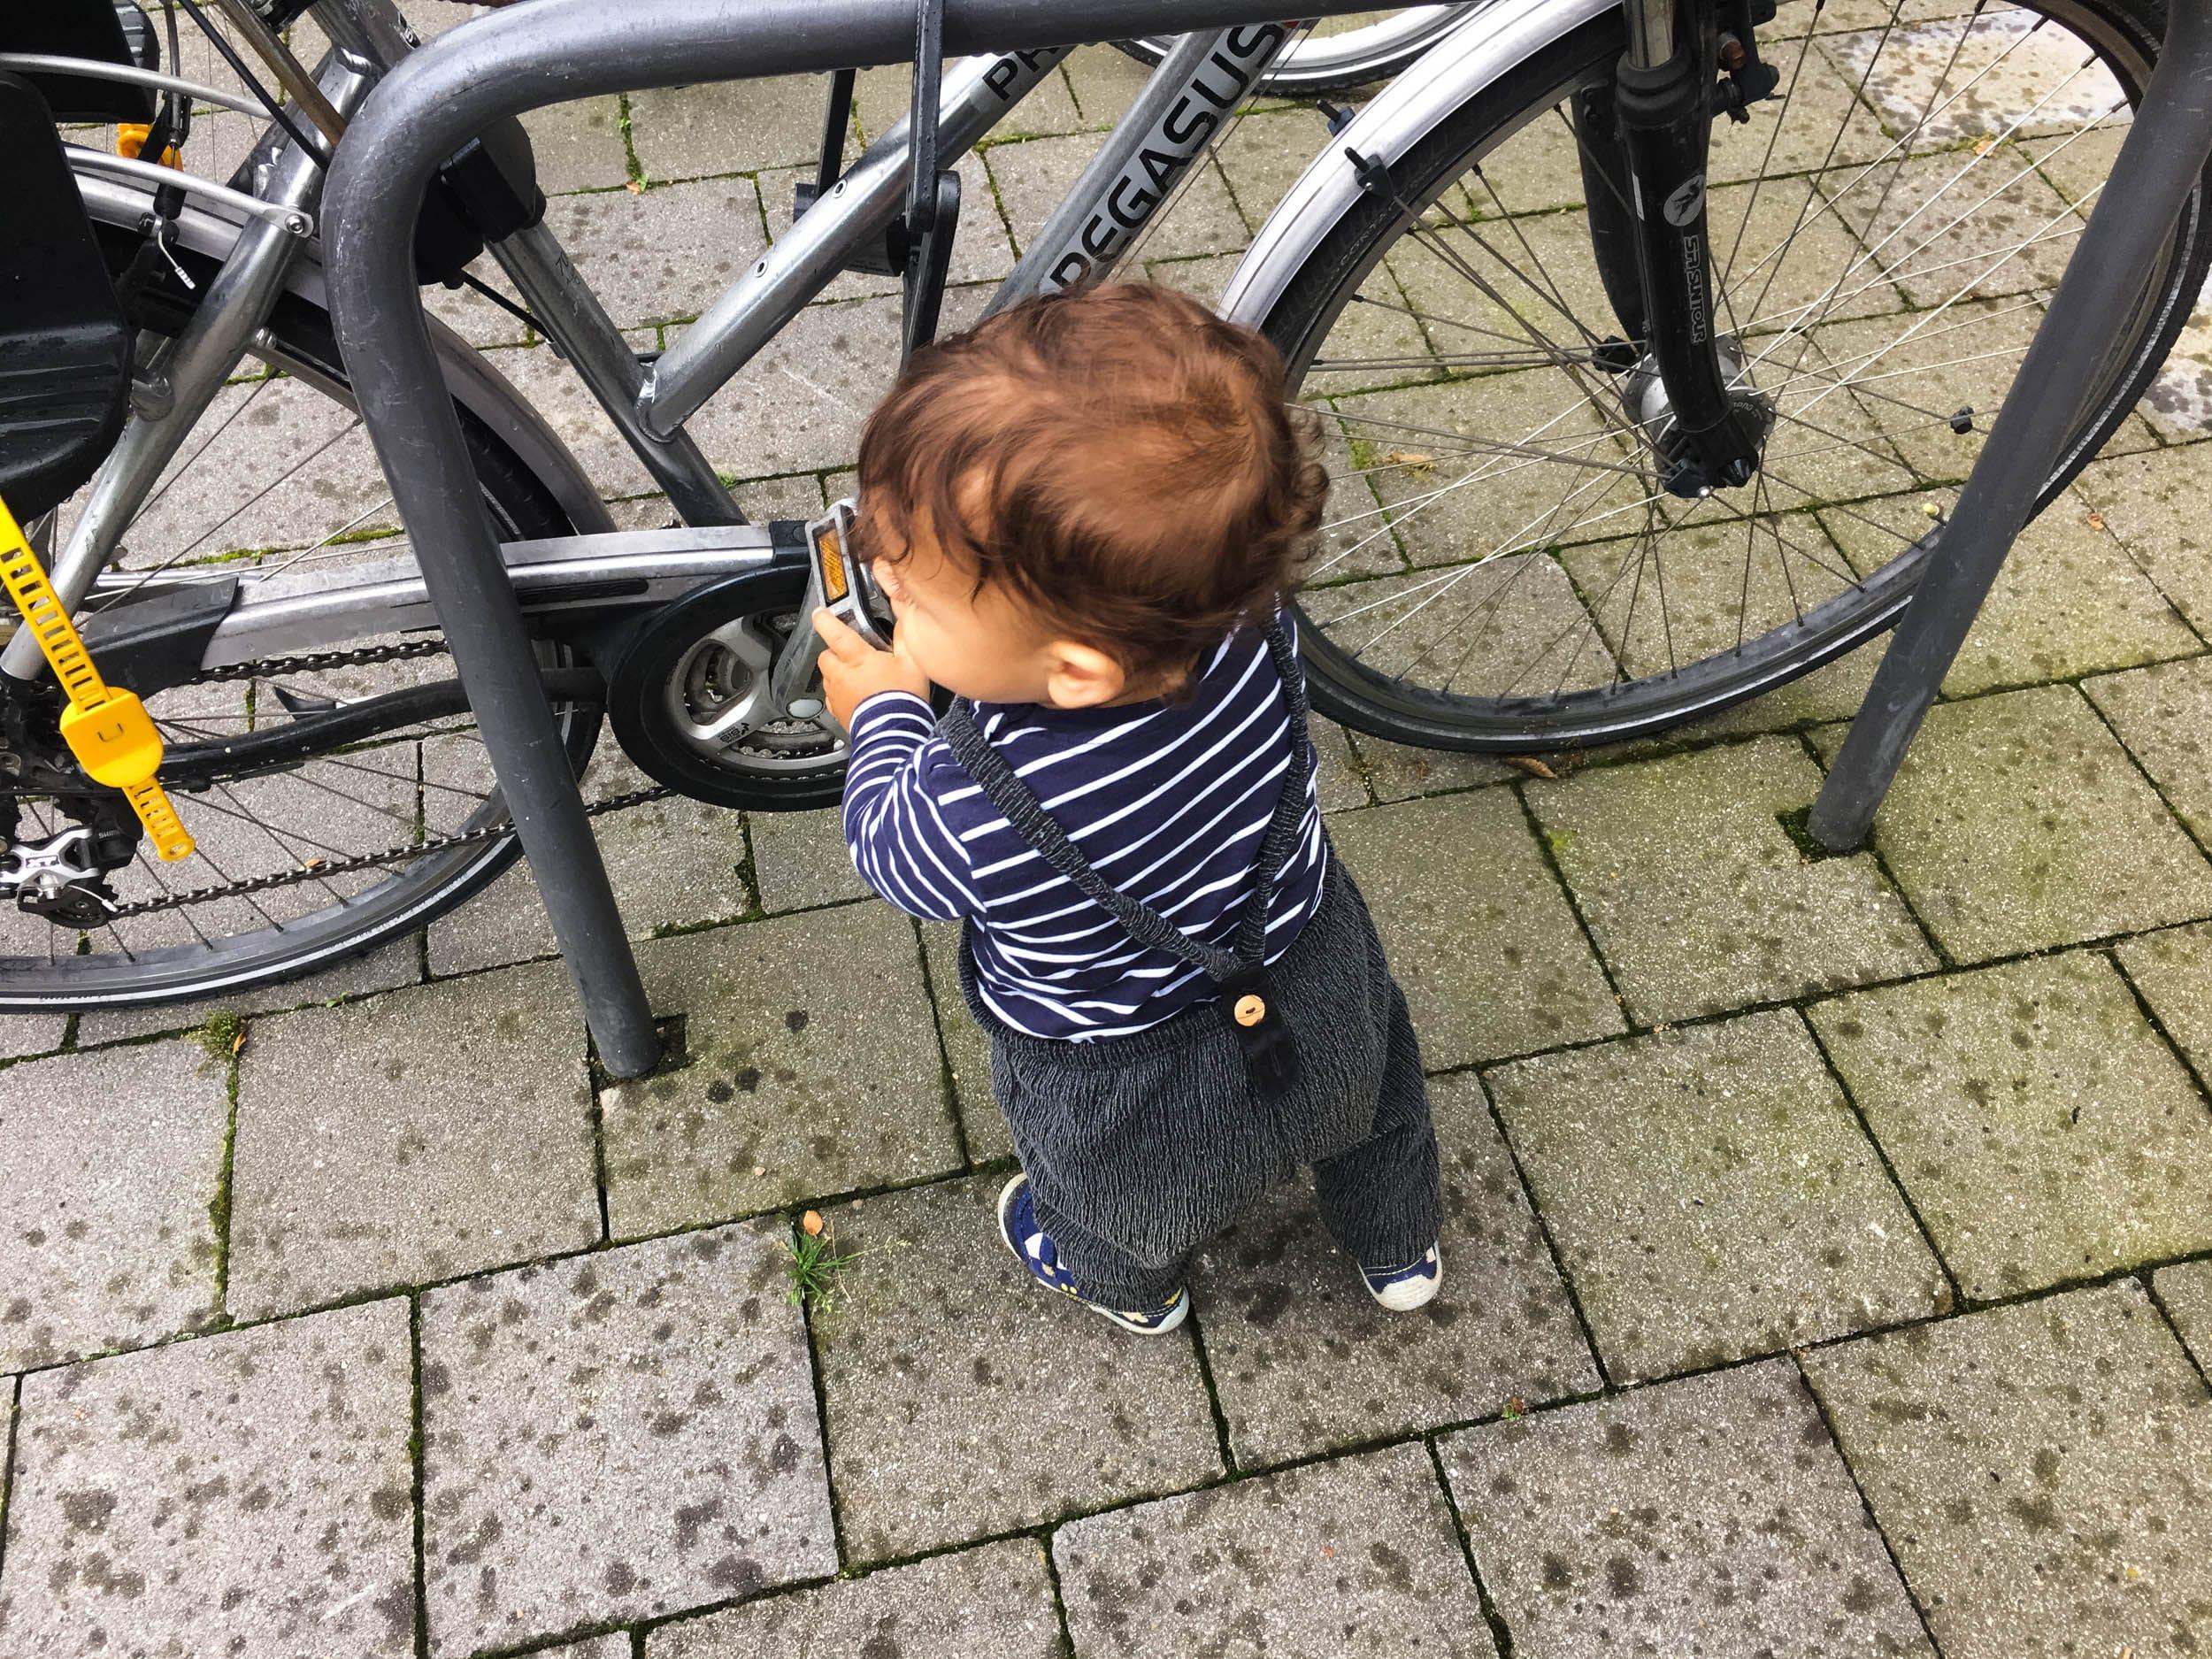 Wochenende in Bildern | Leben mit Kind | Alltag | Spazieren | Entdecken | Fahrrad | ivy.li